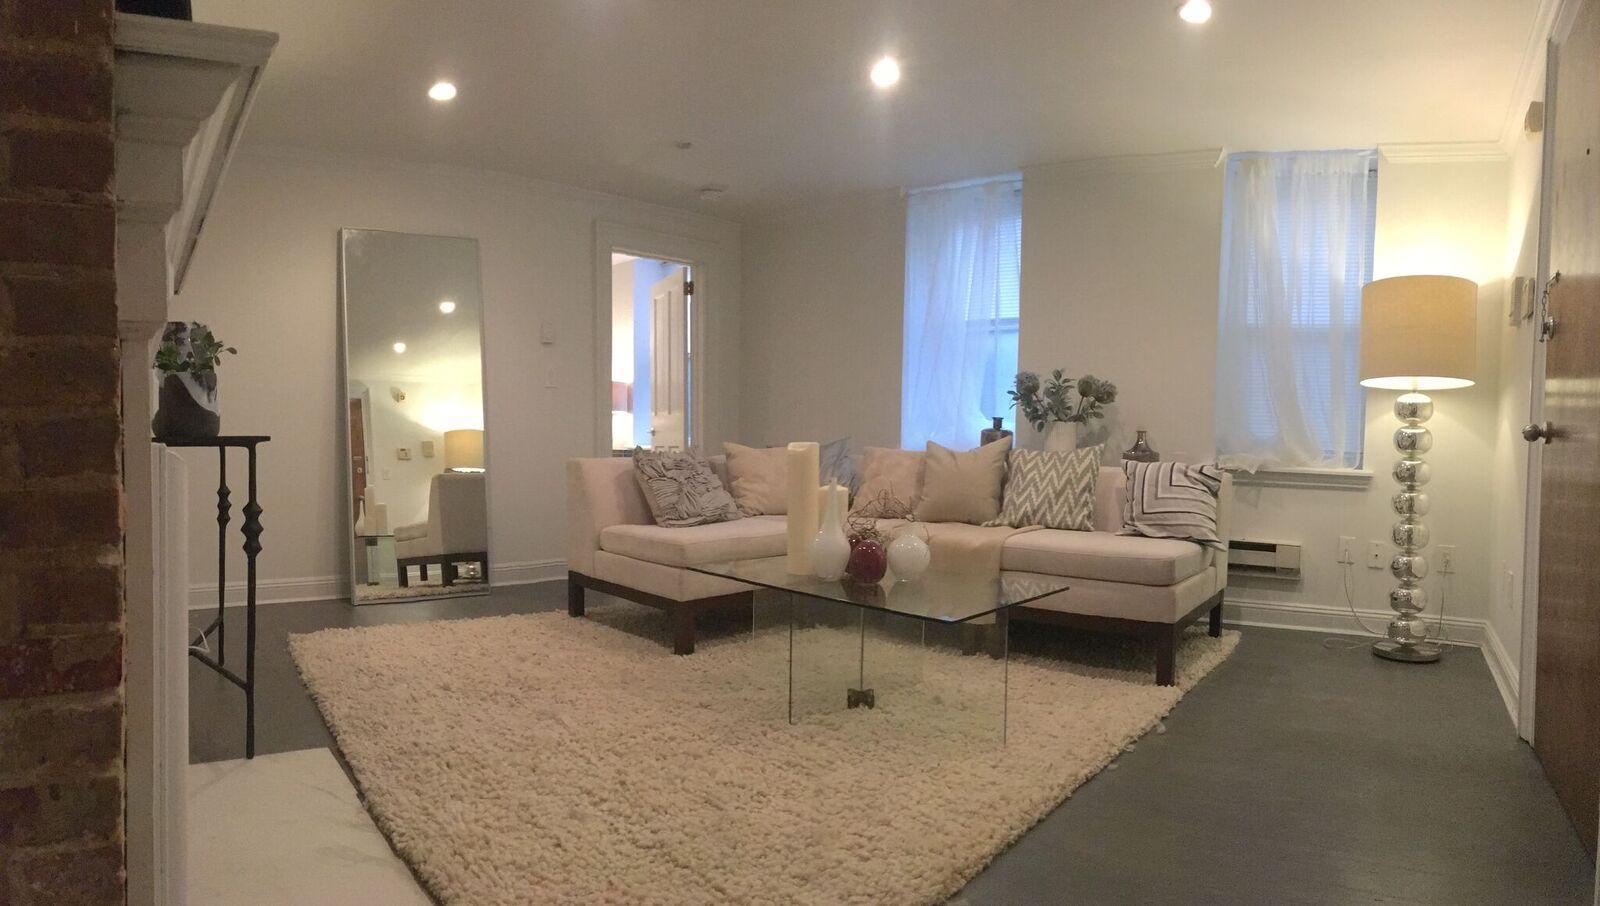 834 Hudson St #G, Hoboken, NJ 07030 For Rent   Trulia